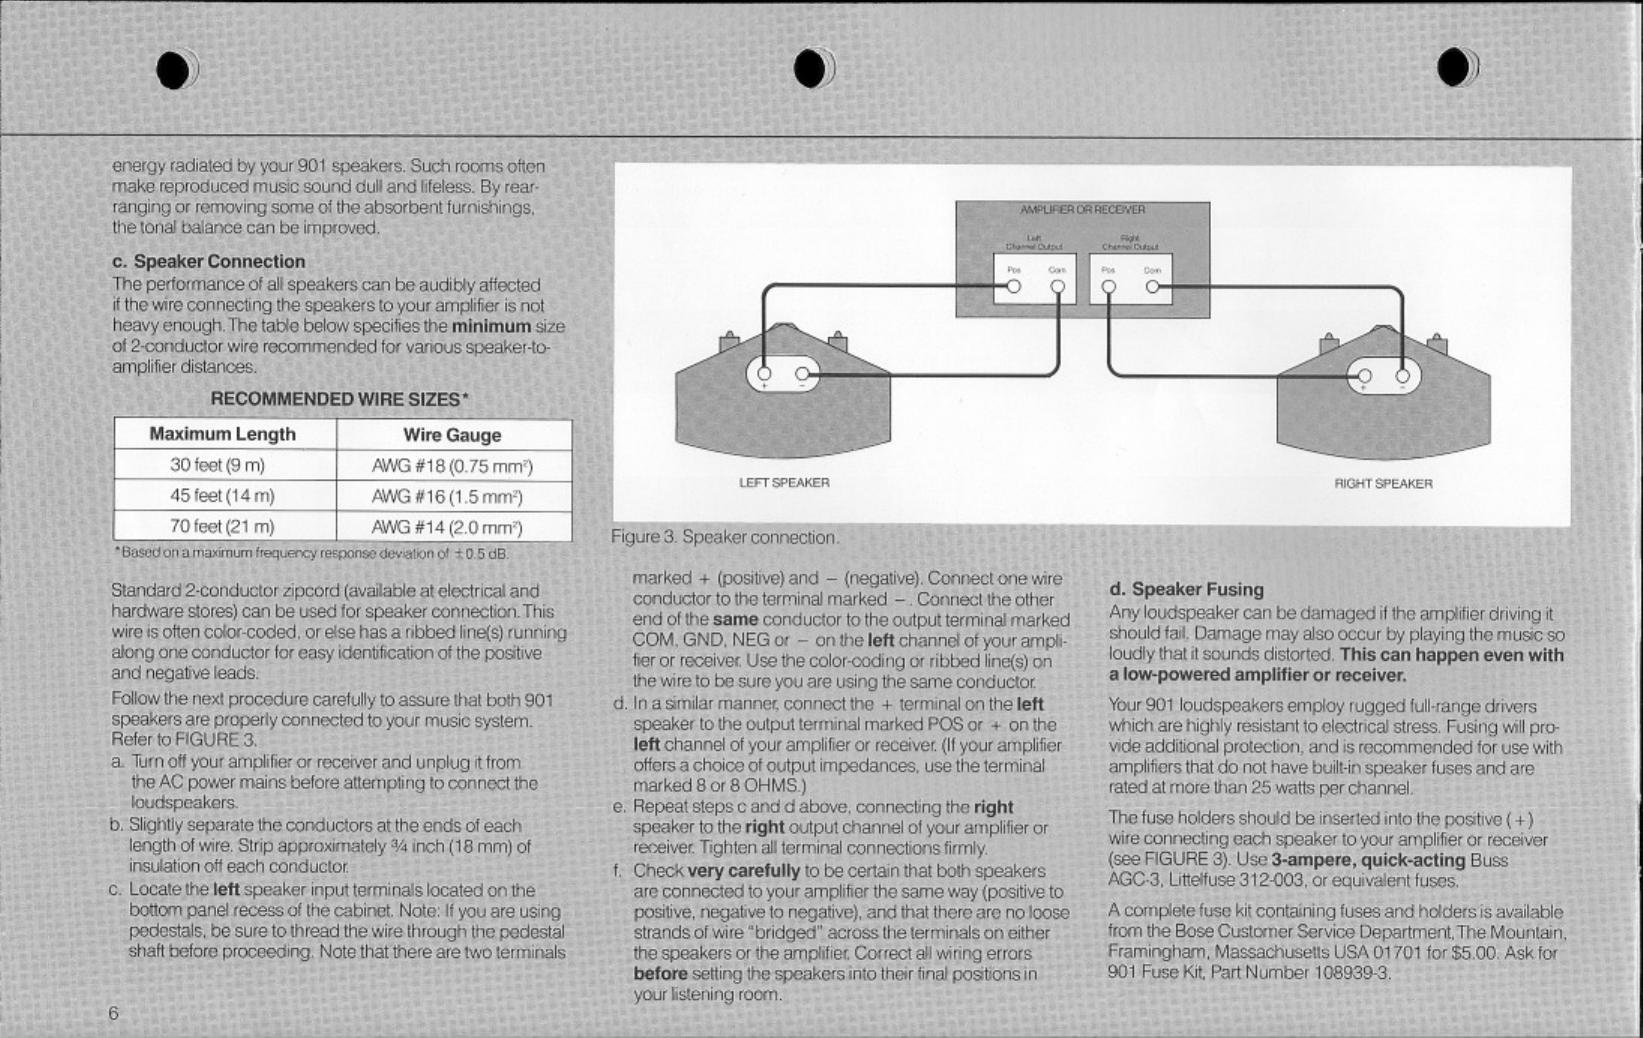 Bose Owg En 901 Series Iv Speaker Wiring Diagram Page 6 Of 12